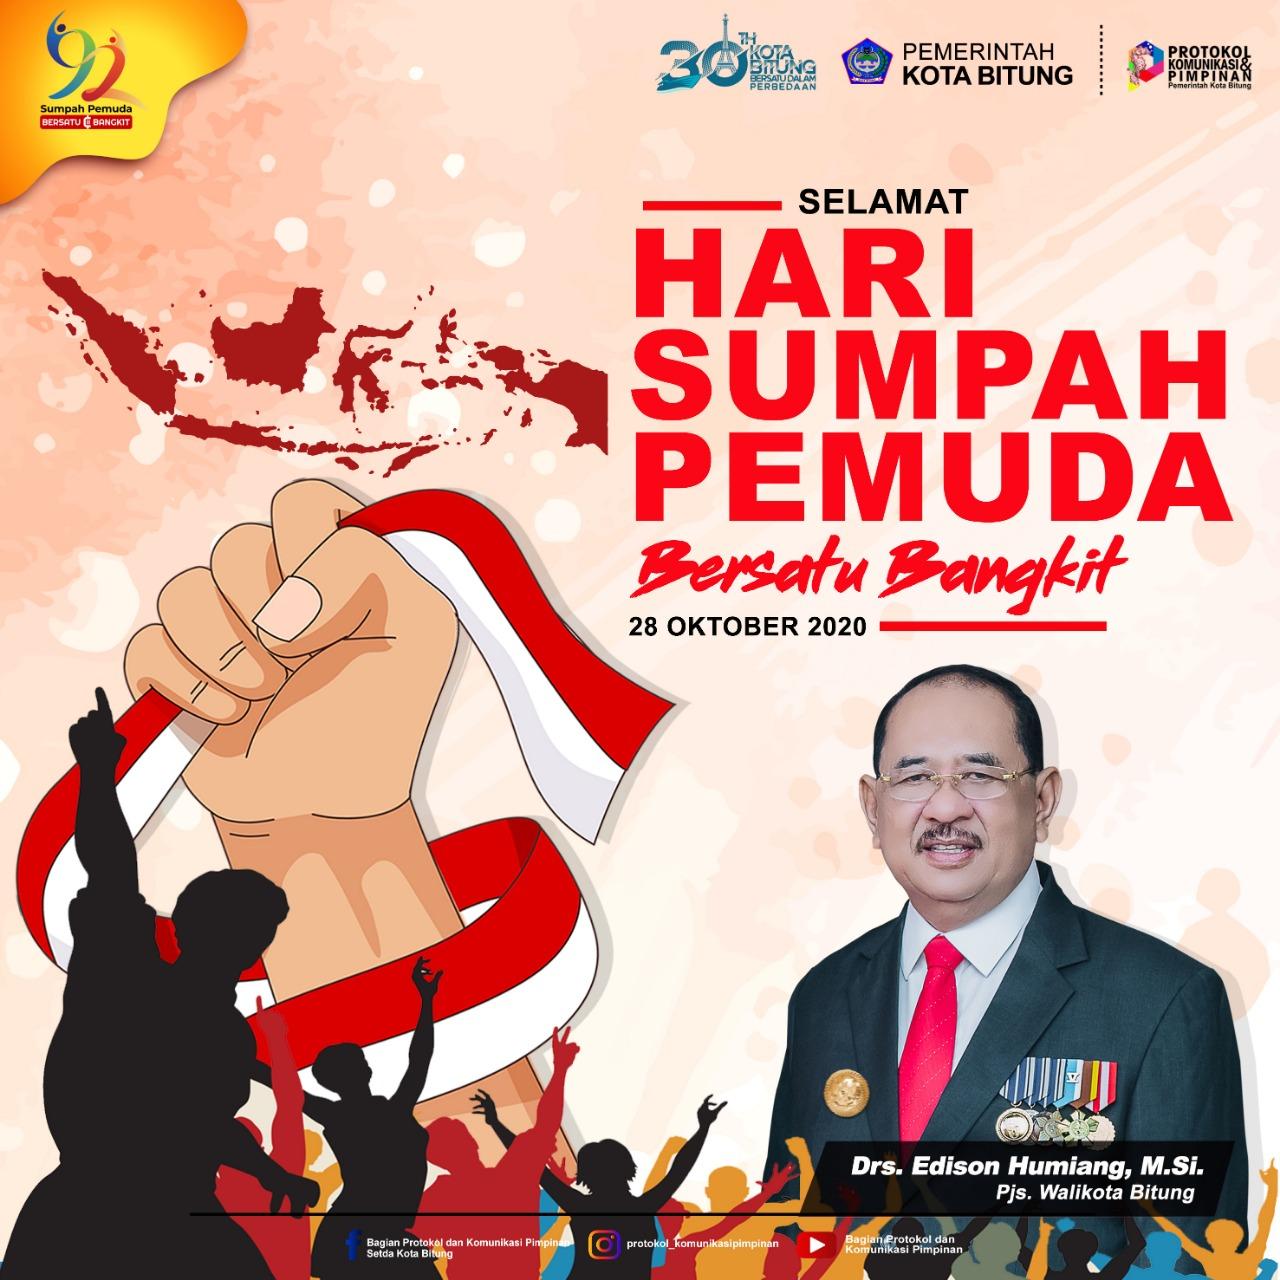 Permalink ke Peringati HSP, Pjs Wali Kota Bitung ajak semua Pemuda Bersatu dan Bangkit